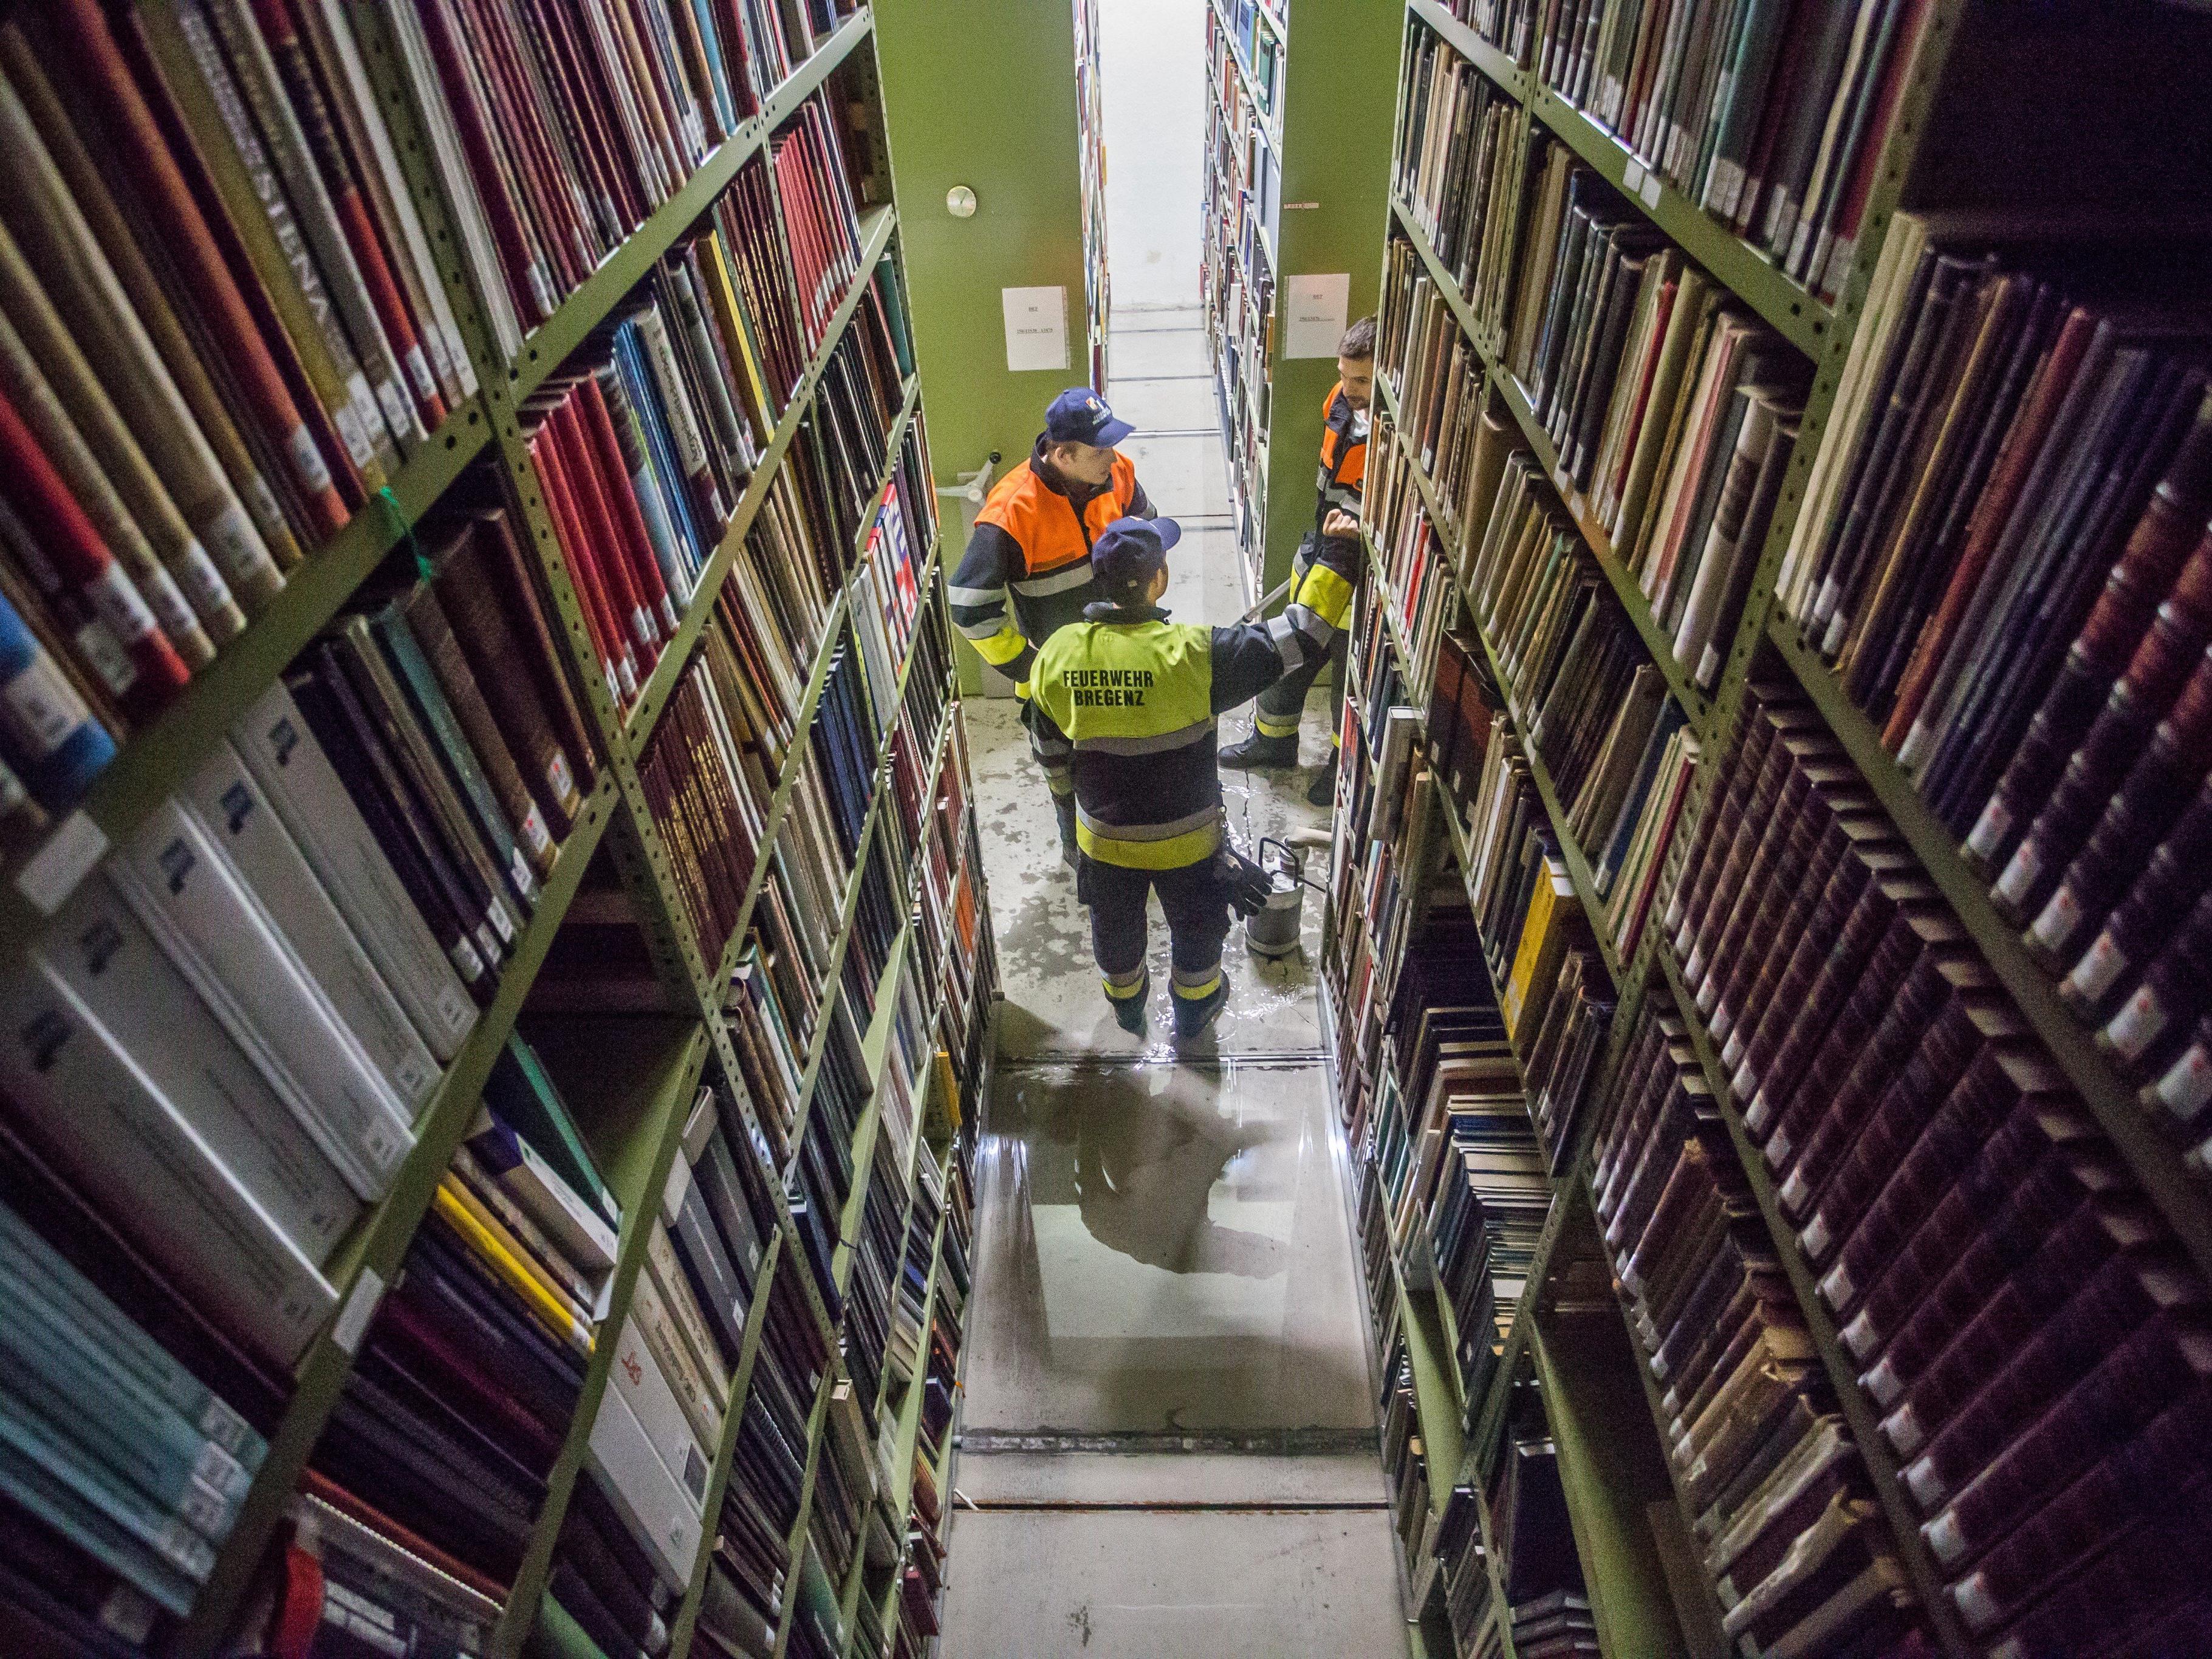 Nach dem Wassereinlauf in die Landesbibliothek wird wieder über einen Umbau diskutiert.